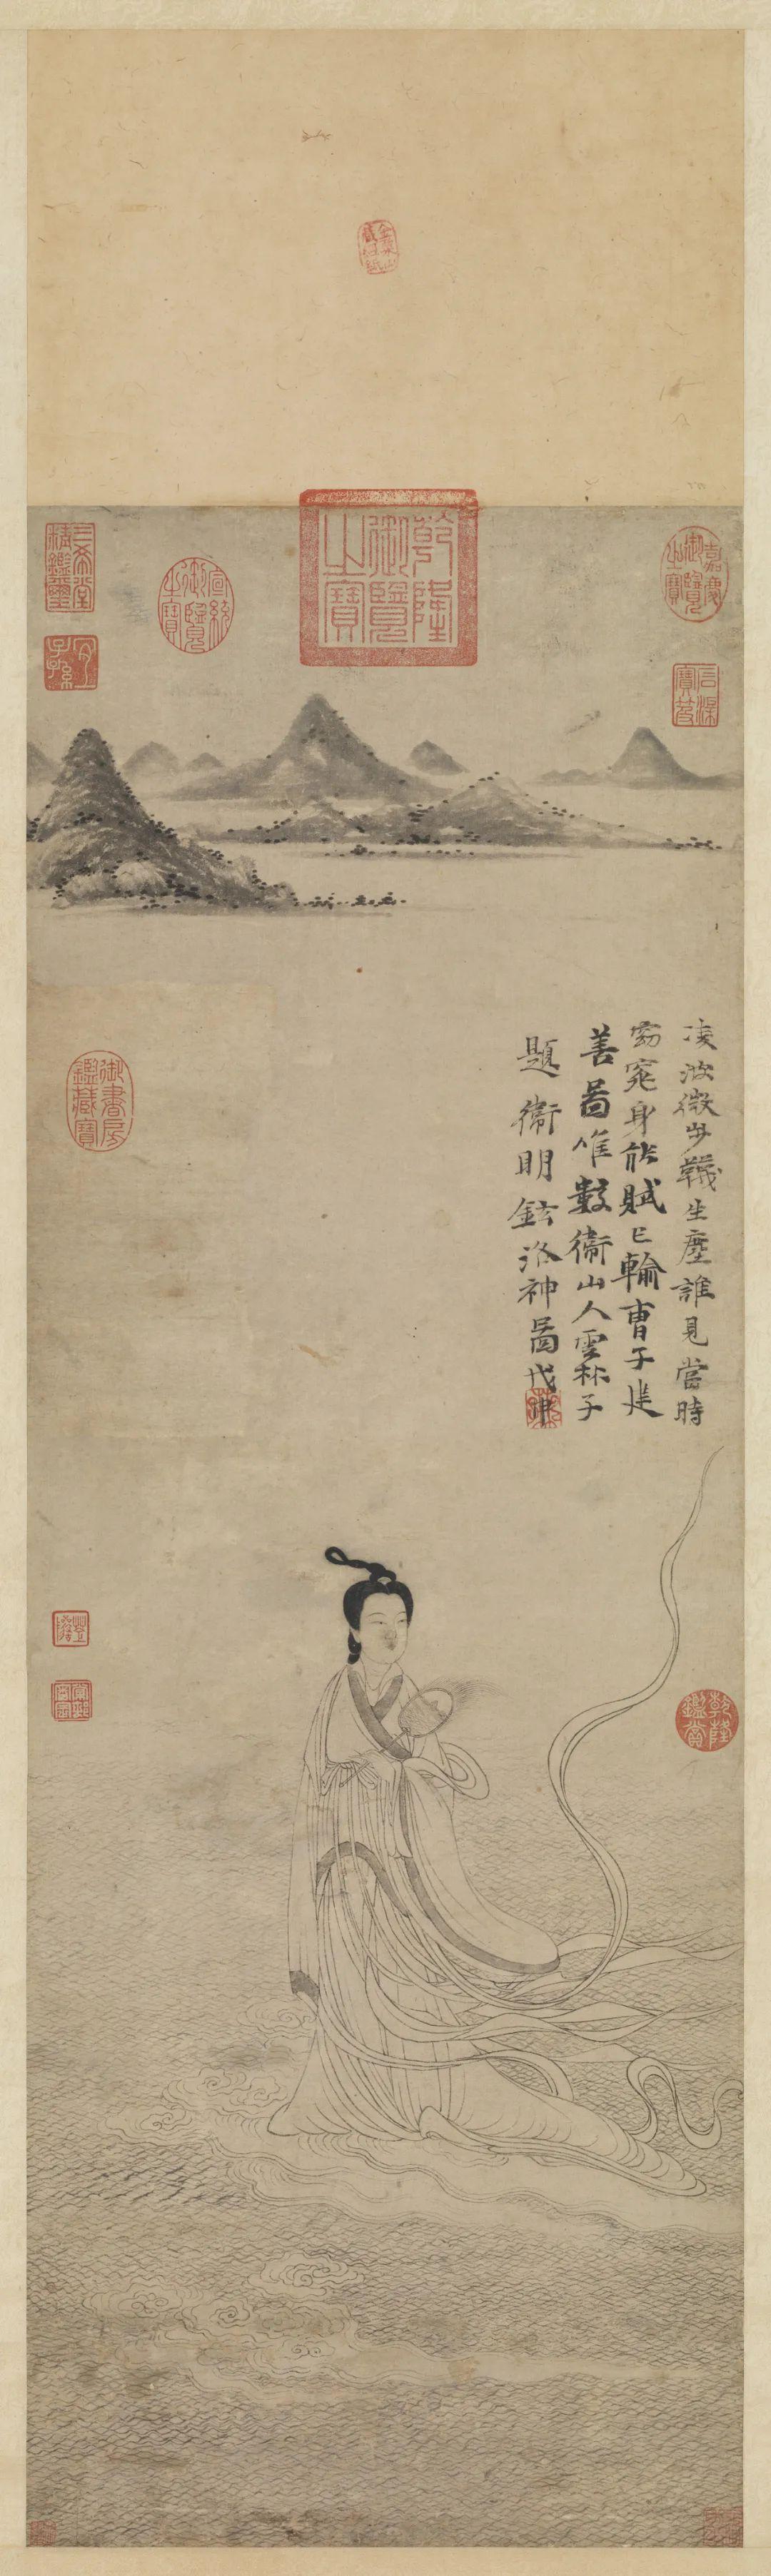 元 卫九鼎 洛神图 台北故宫博物院藏